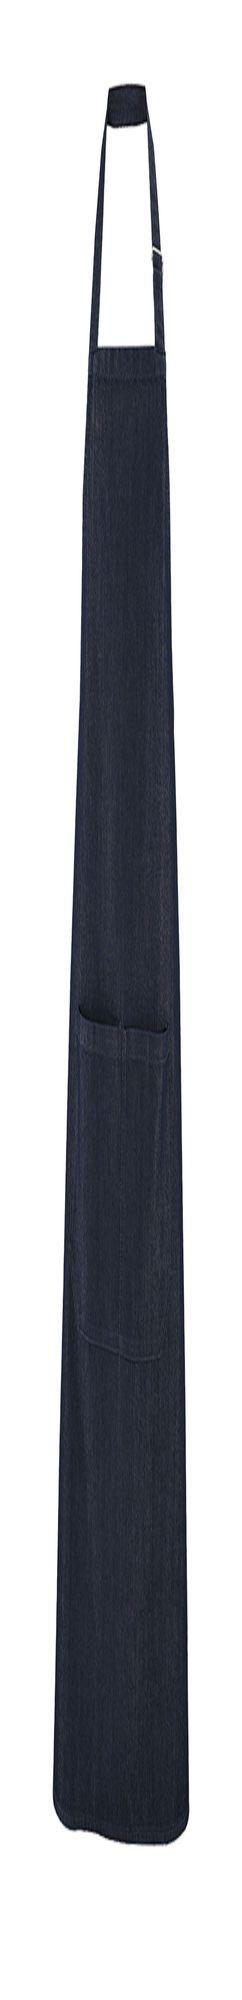 Фартук GRANT, синий (деним) фото